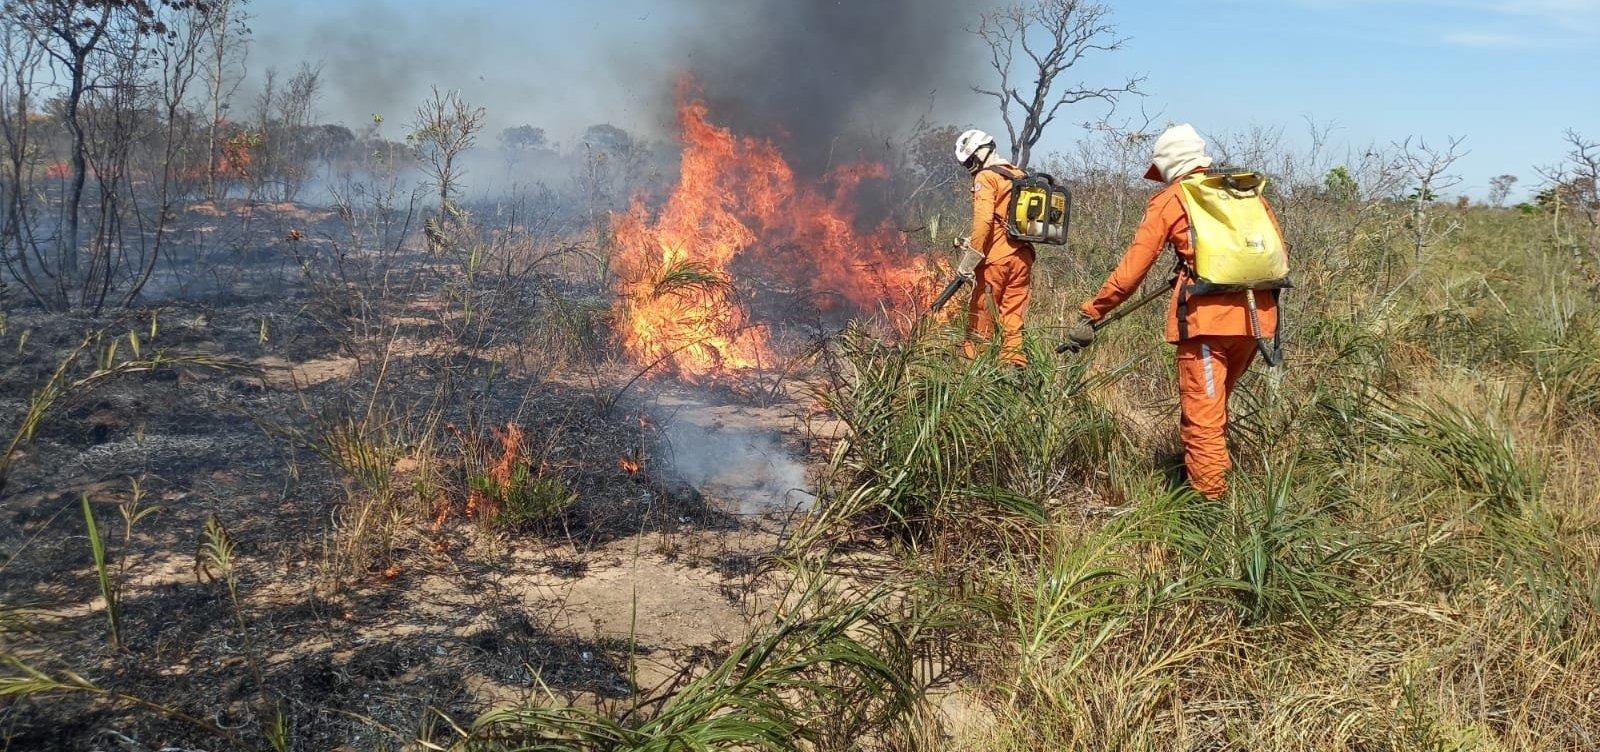 Bombeiros seguem no combate a incêndio florestal em Formosa do Rio Preto